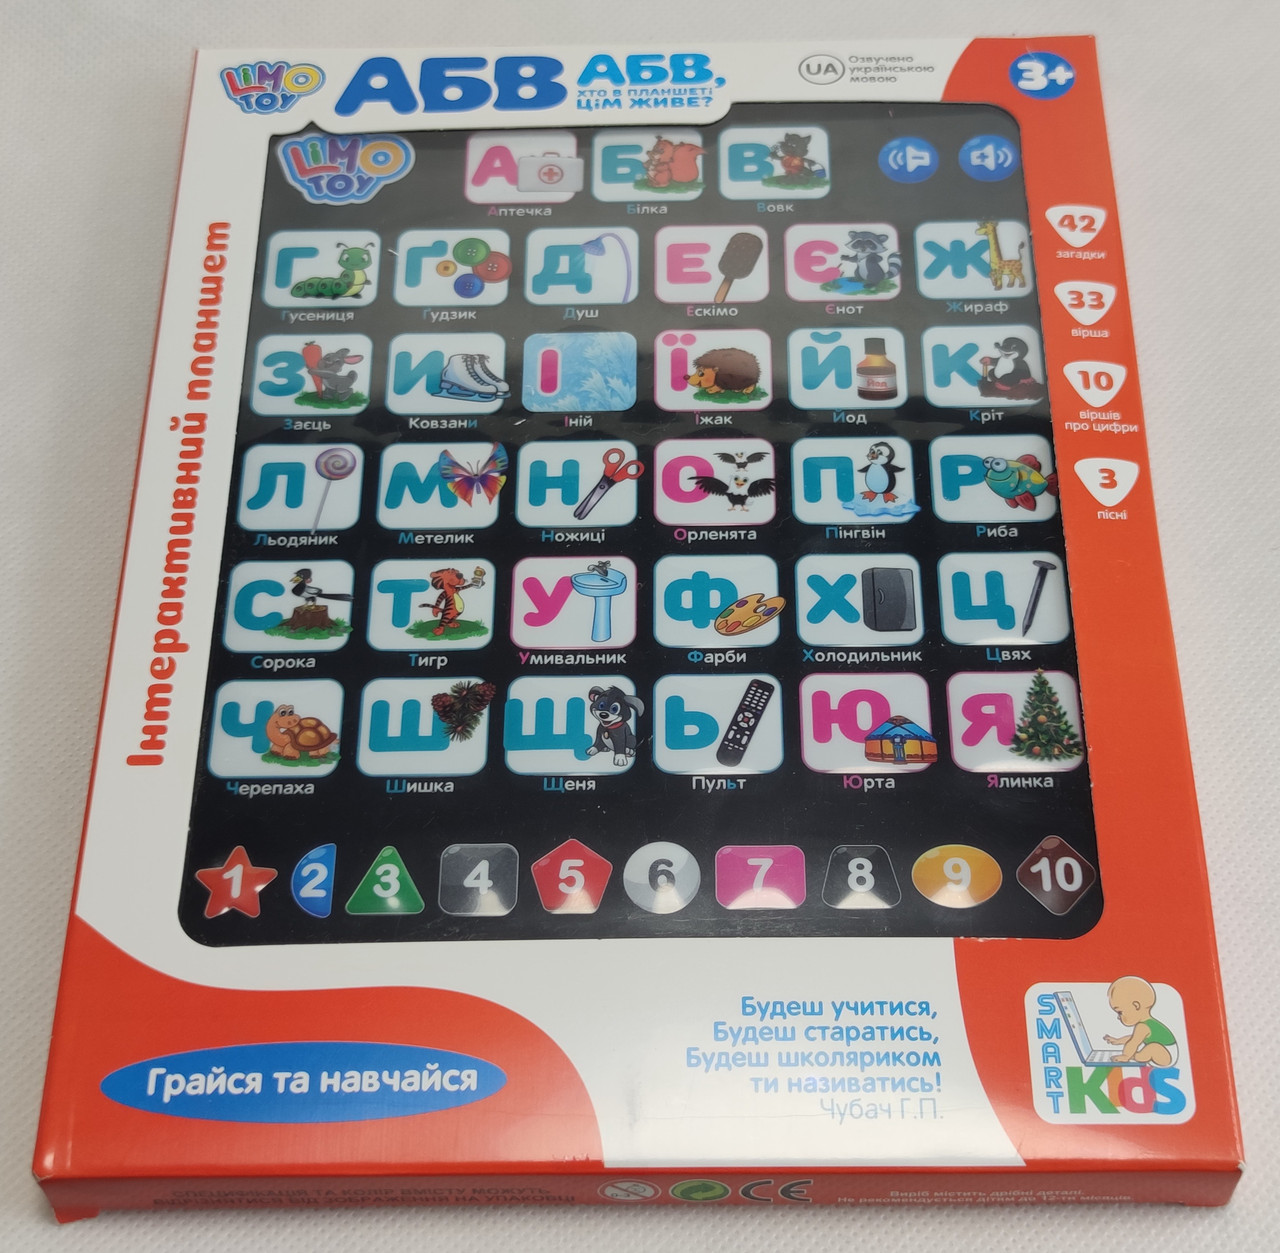 Игрушечный детский музыкальный планшет АБВ белый